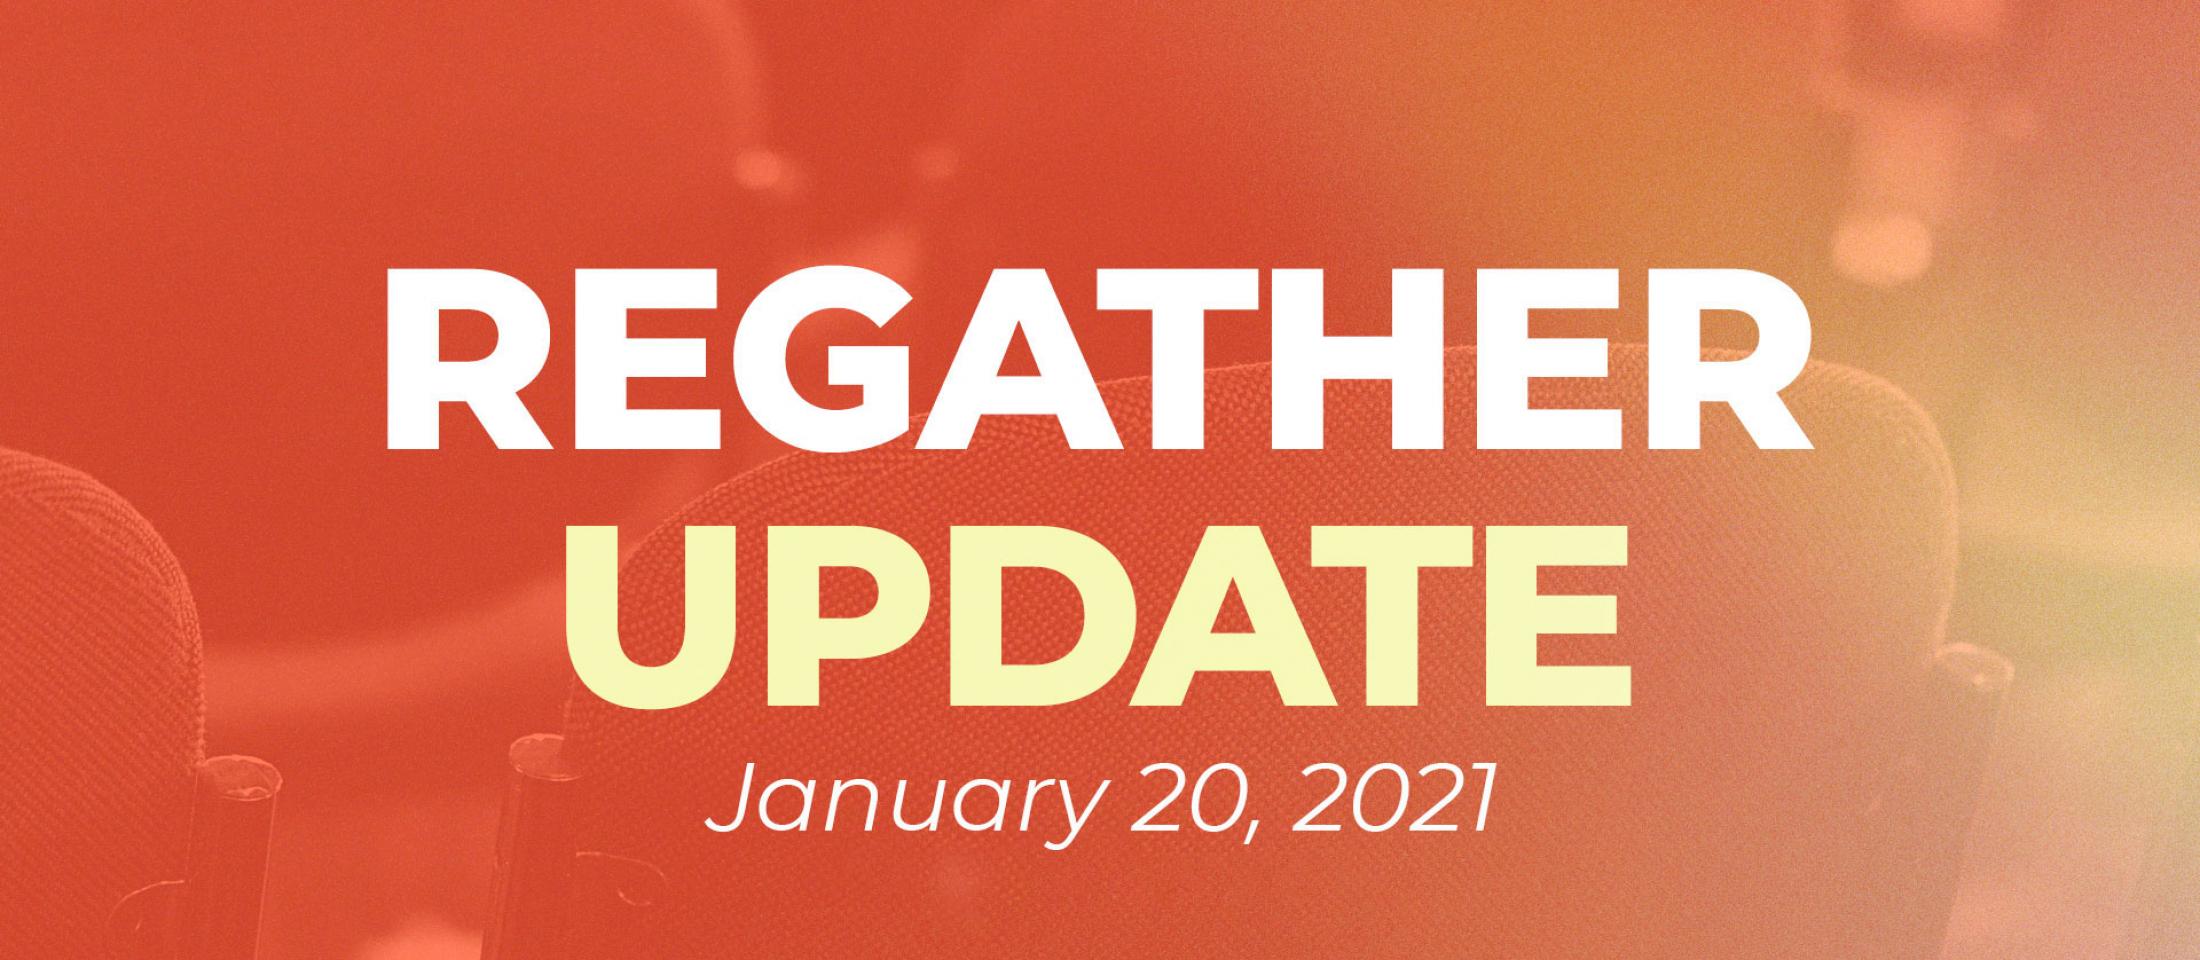 1-20-21 Regather Update